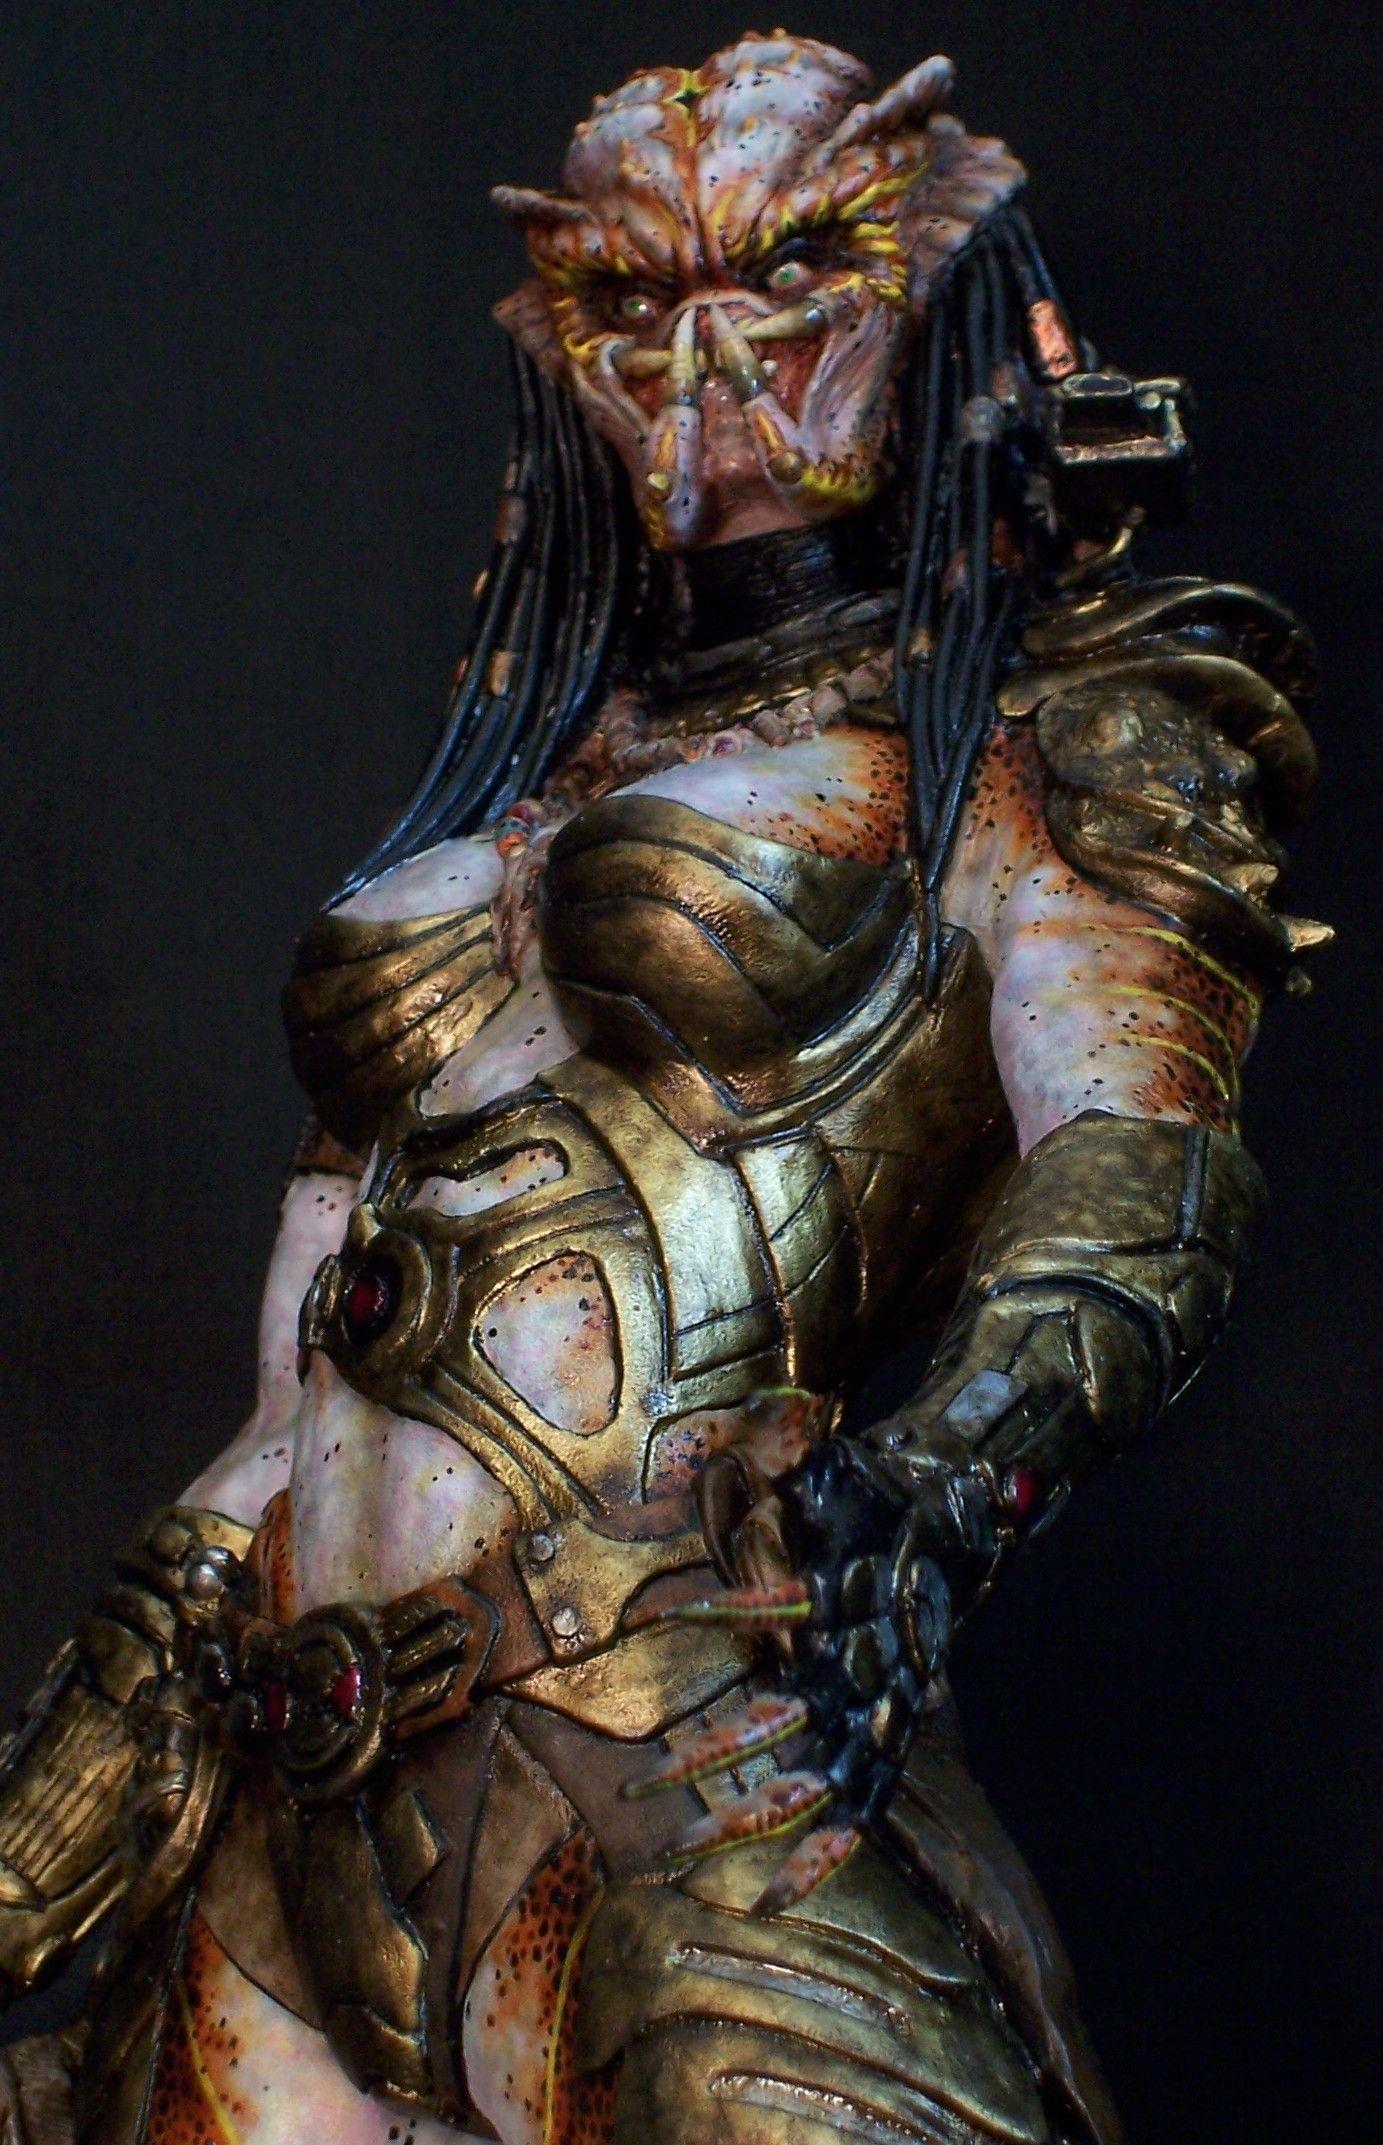 Female Predator Alien